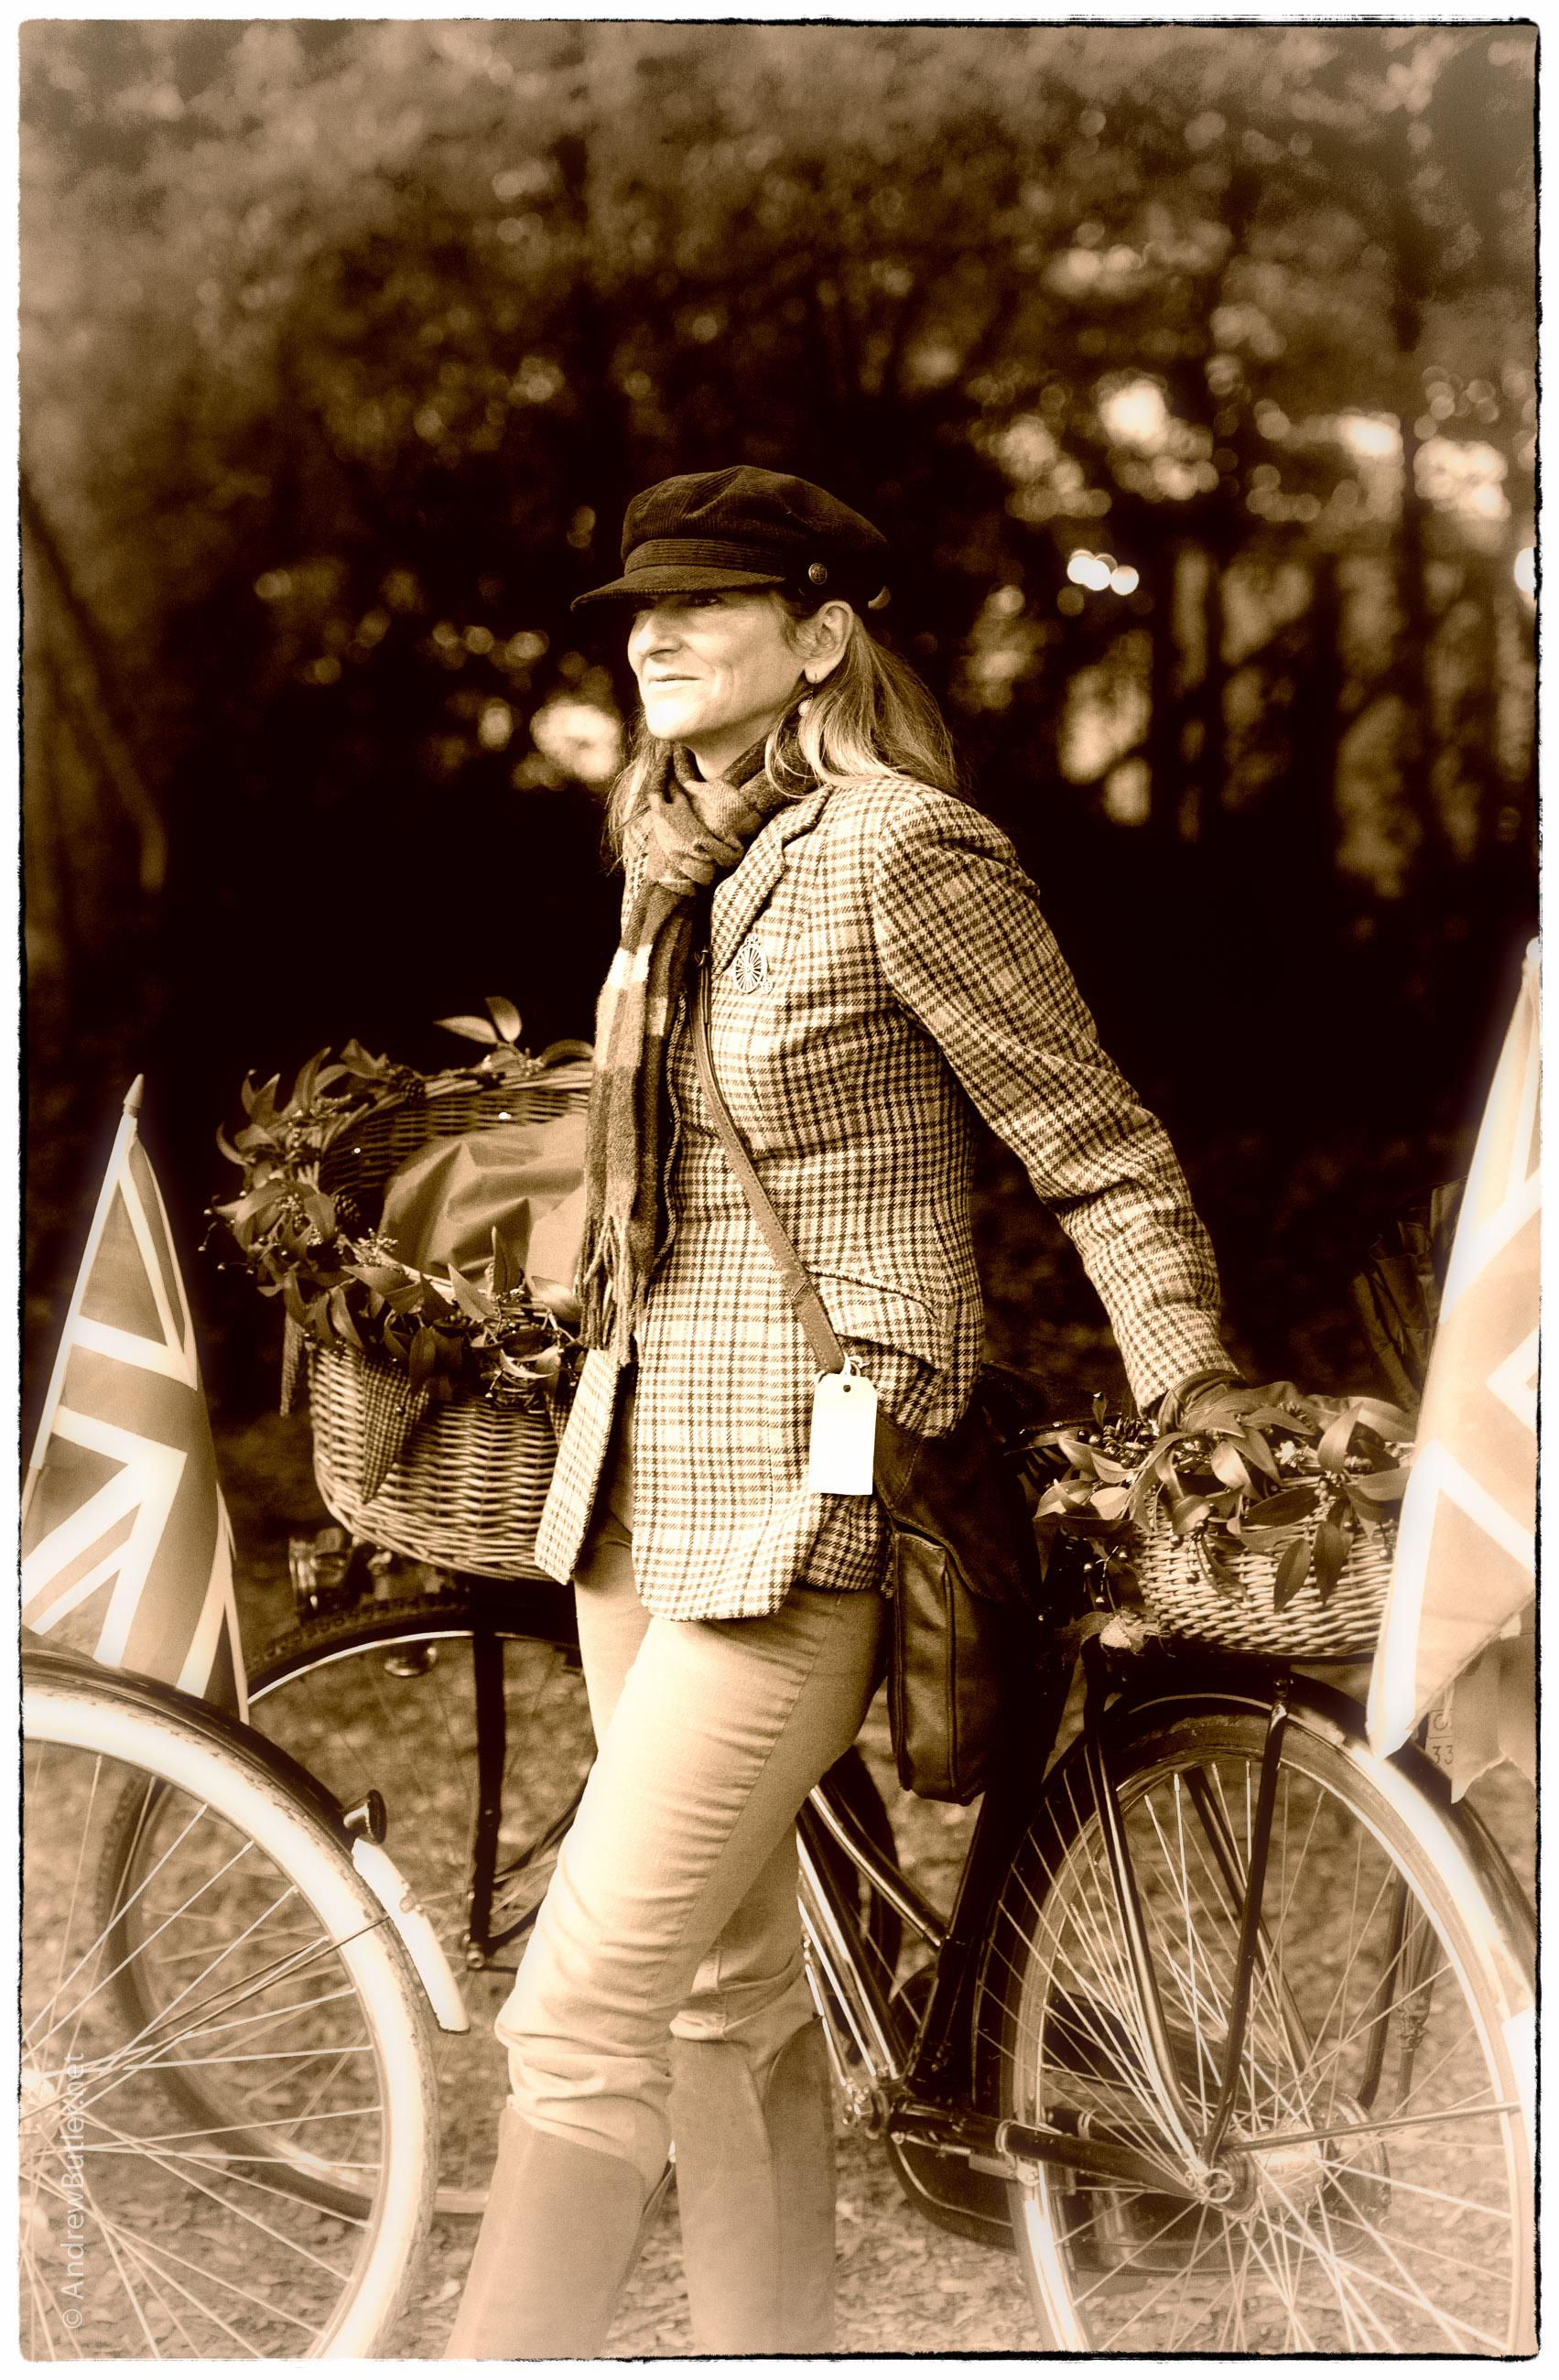 Velo Vintage Exeter Bristol Commercial photographer Andrew Butler